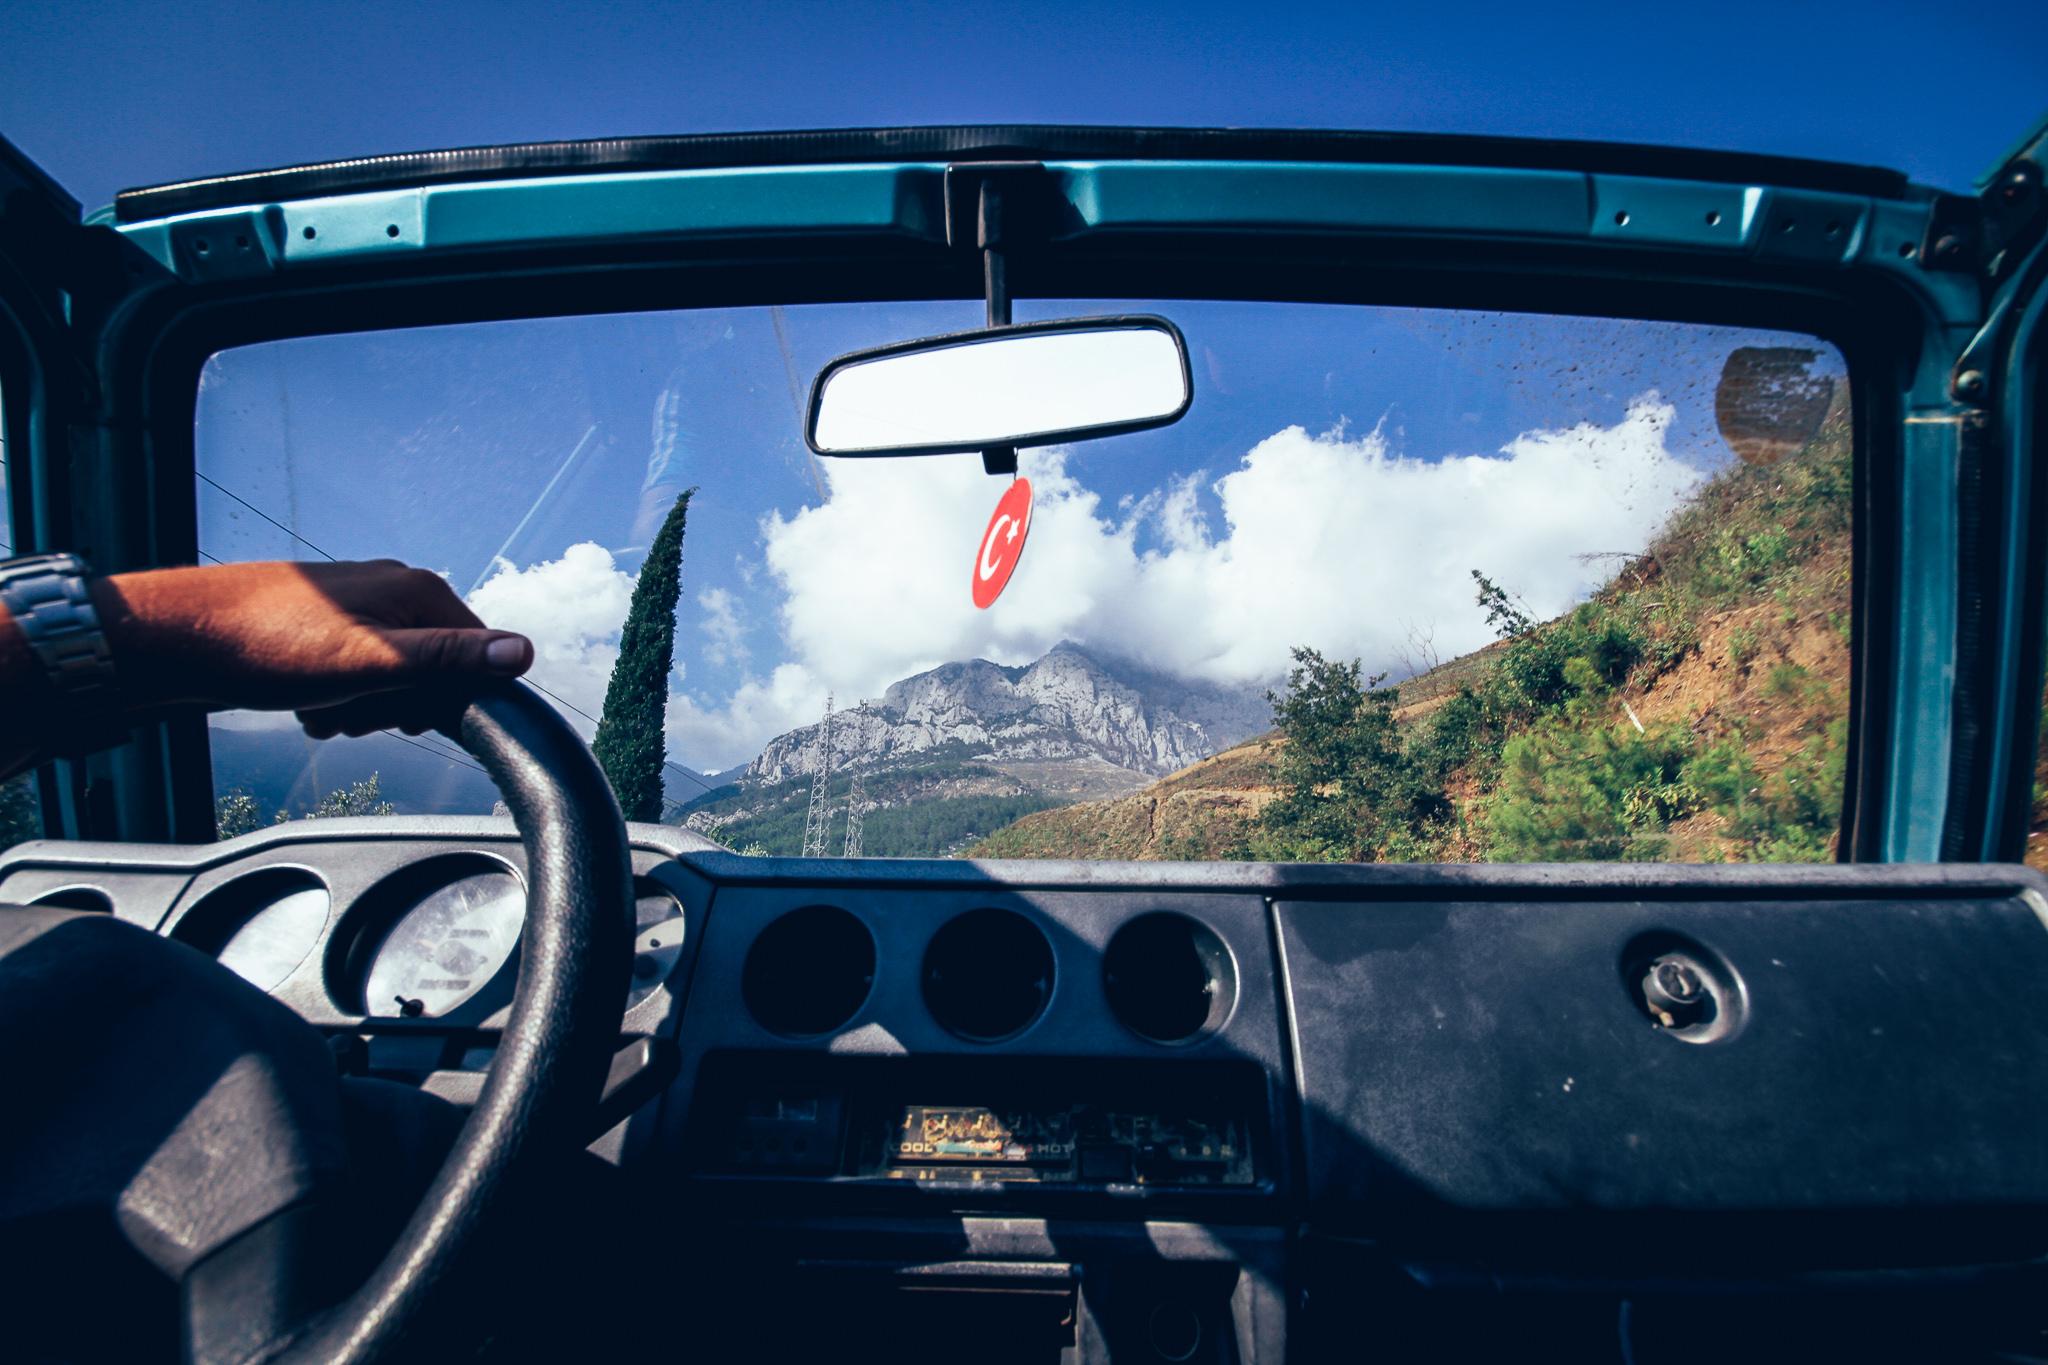 Bérelt Suzuki Samurai Törökországban, a Sapadere kanyonnál, Alanyában